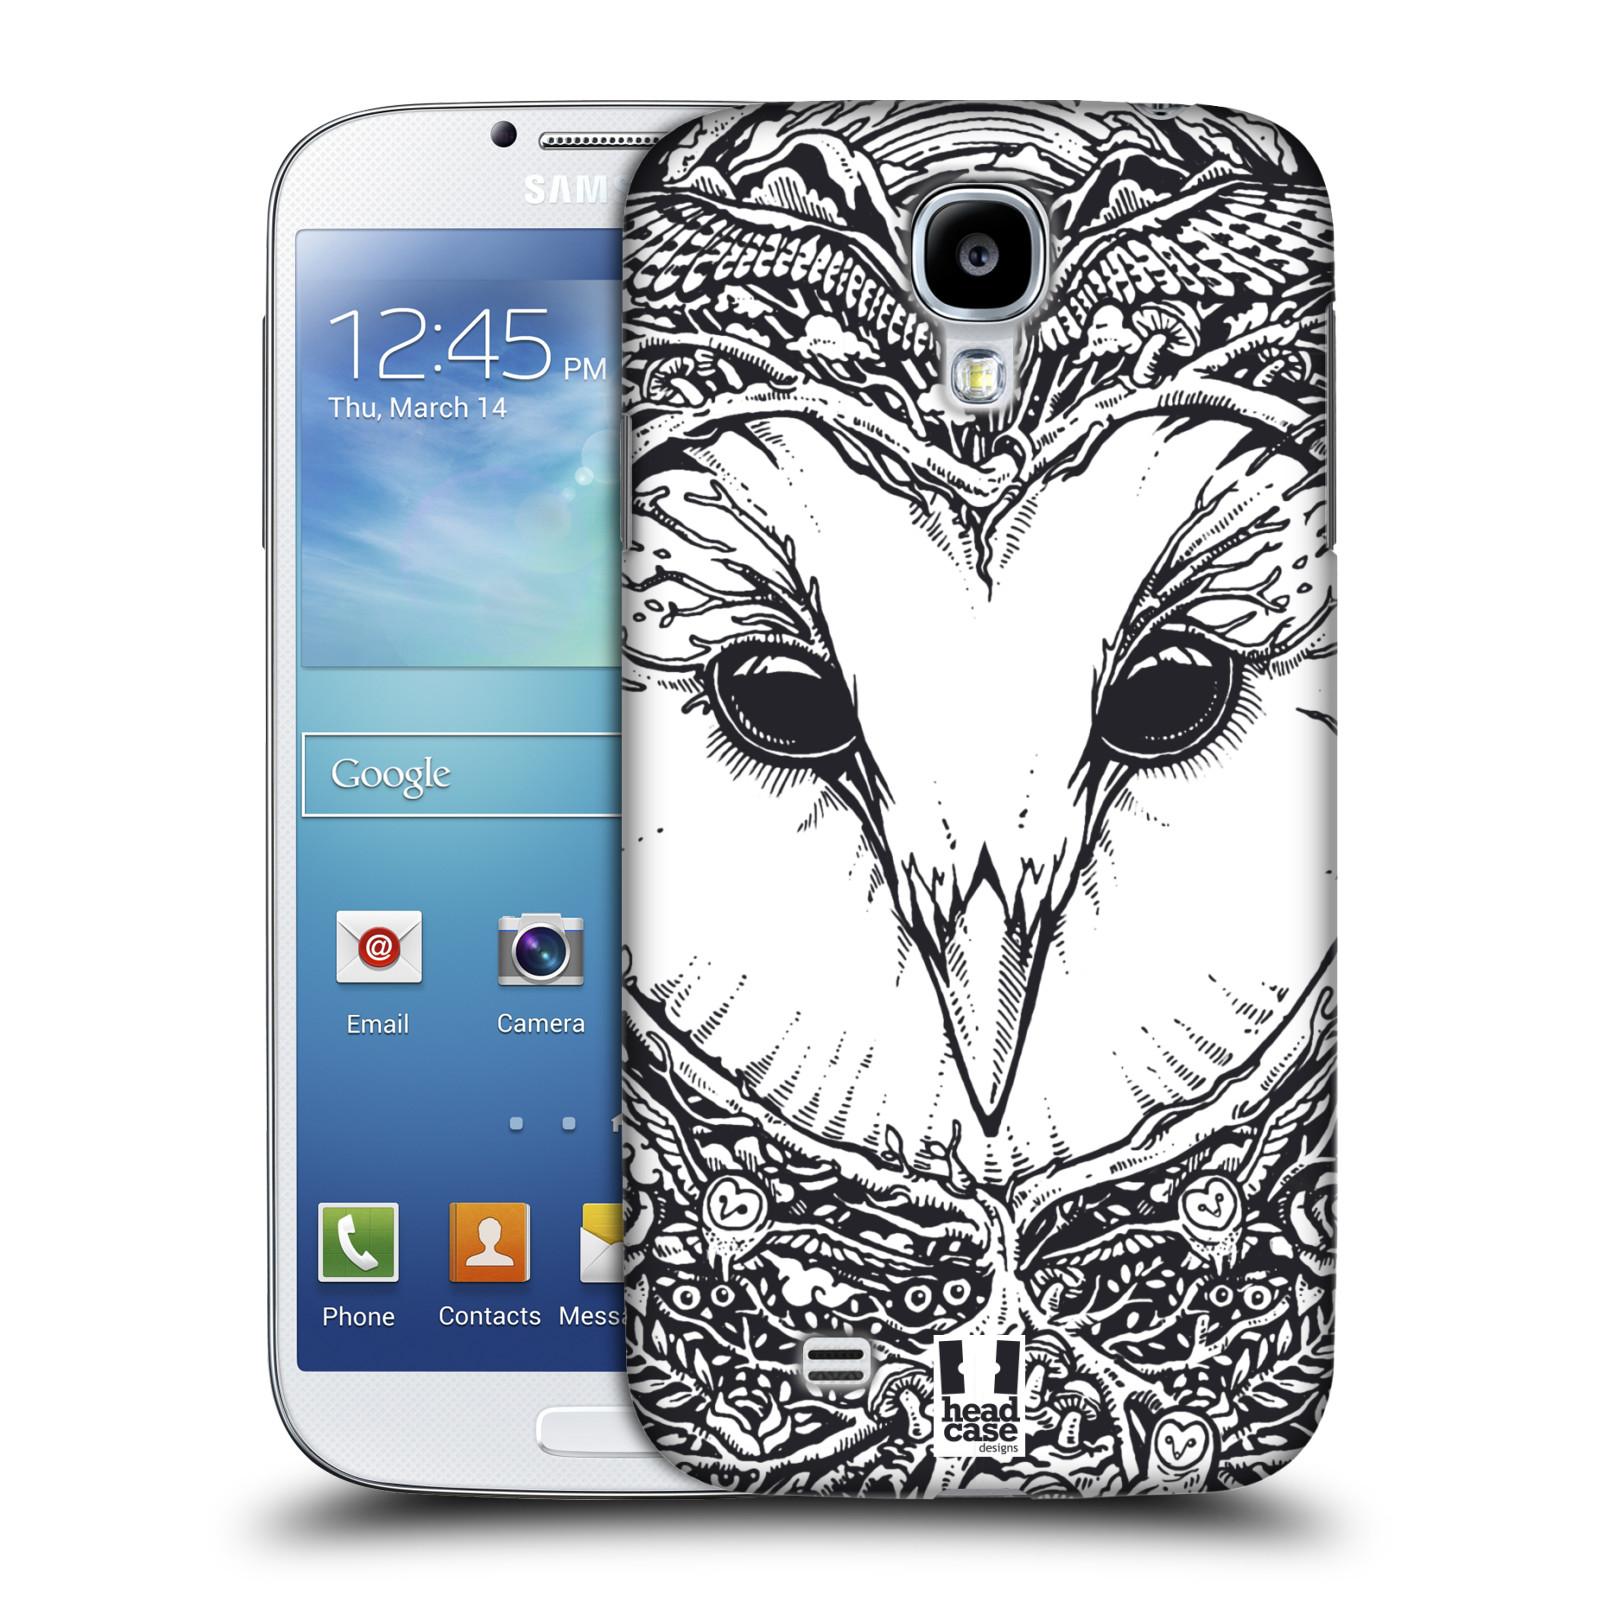 Plastové pouzdro na mobil Samsung Galaxy S4 HEAD CASE DOODLE TVÁŘ SOVA (Kryt či obal na mobilní telefon Samsung Galaxy S4 GT-i9505 / i9500)